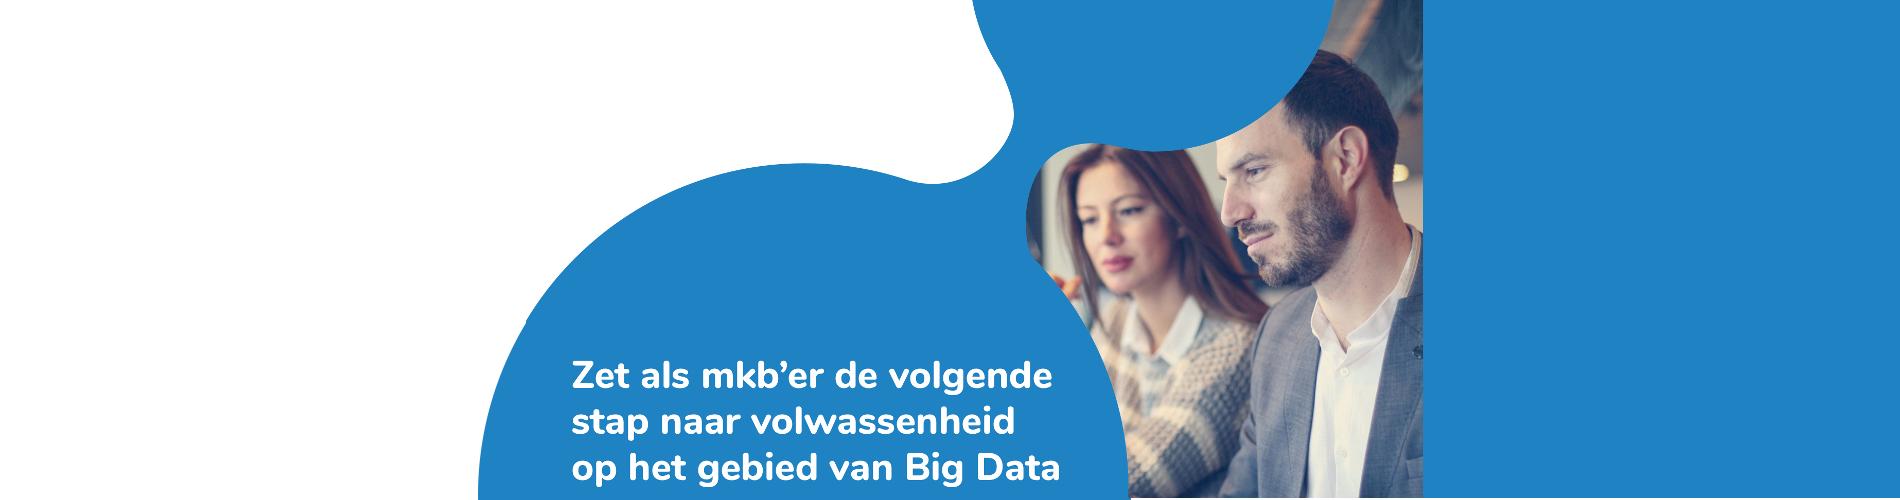 De volgende stap naar volwassenheid op gebied van Big data